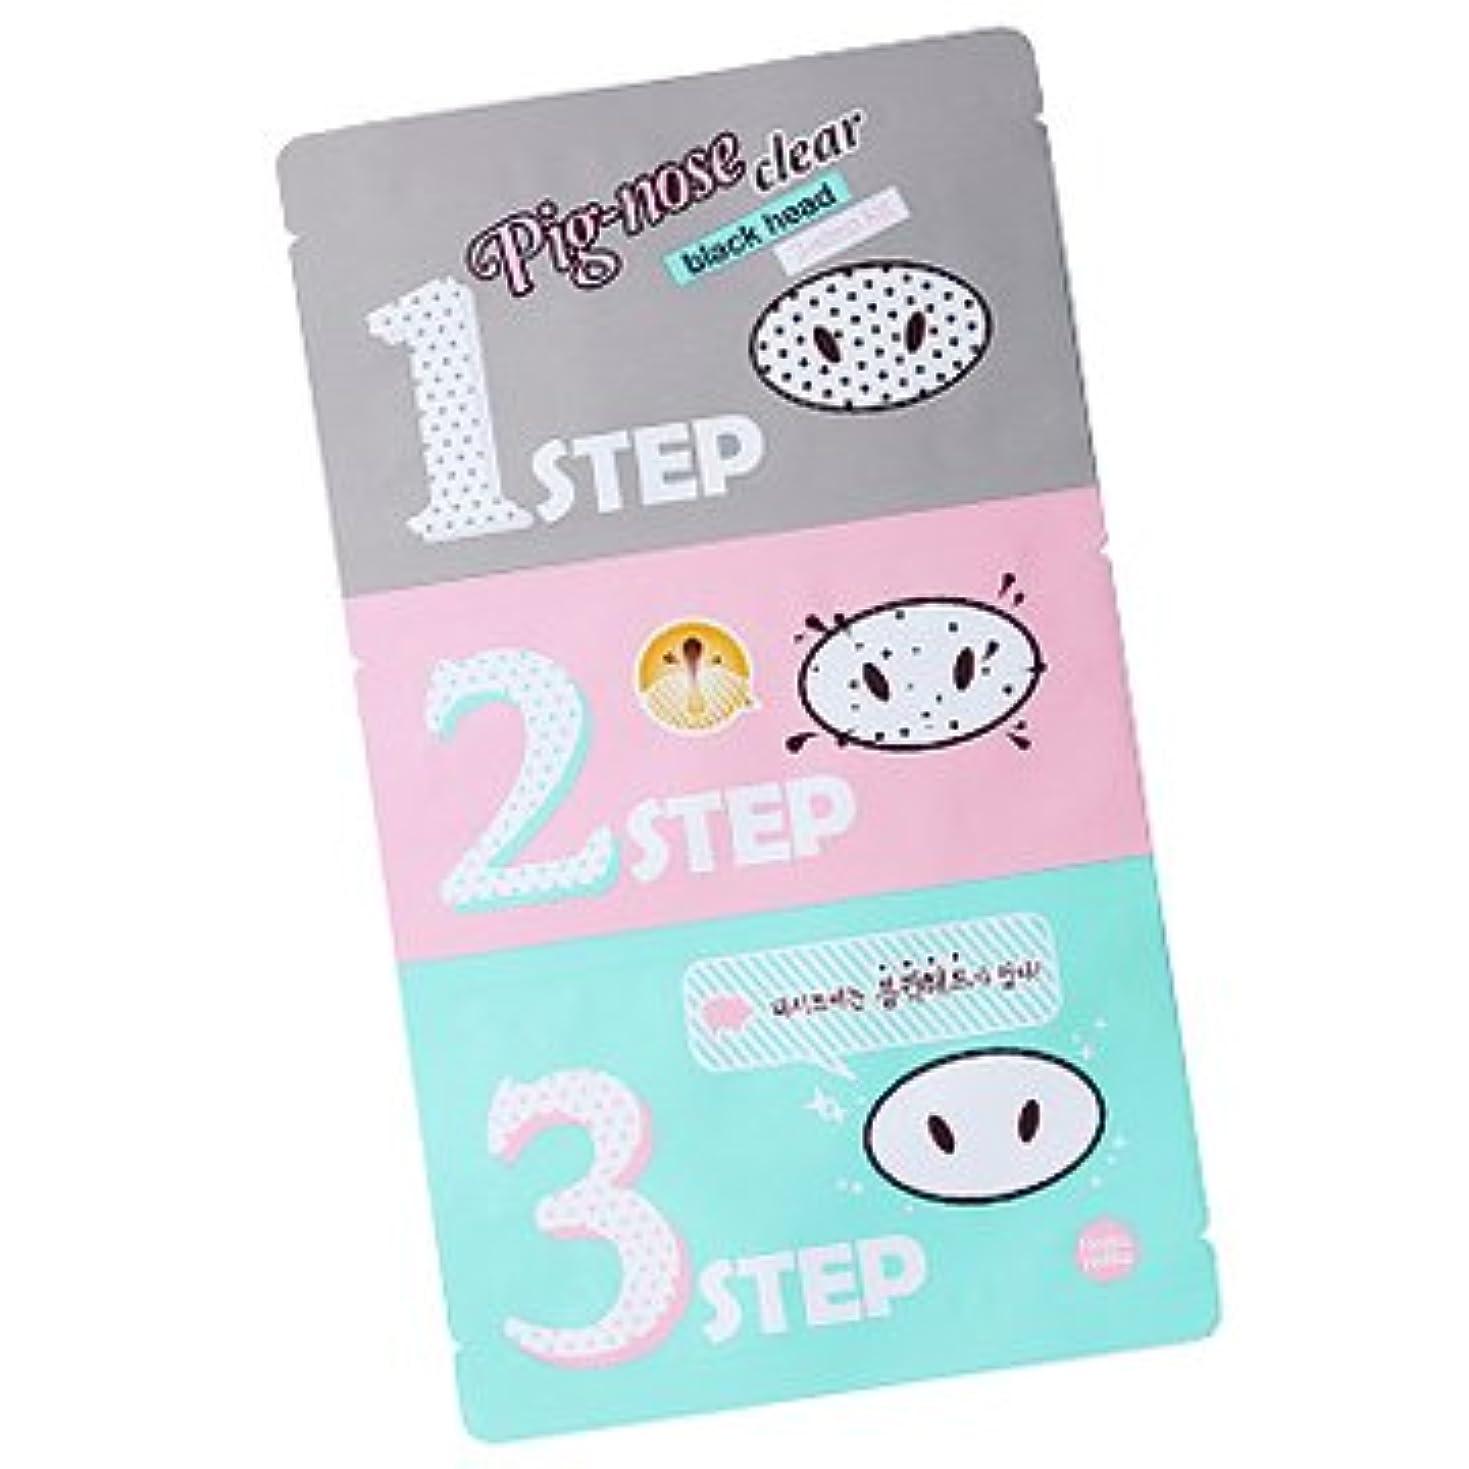 実り多いお金ゴム戦闘Holika Holika Pig Nose Clear Black Head 3-Step Kit 10EA (Nose Pack) ホリカホリカ ピグノーズクリアブラックヘッド3-Stepキット(鼻パック) 10pcs [並行輸入品]